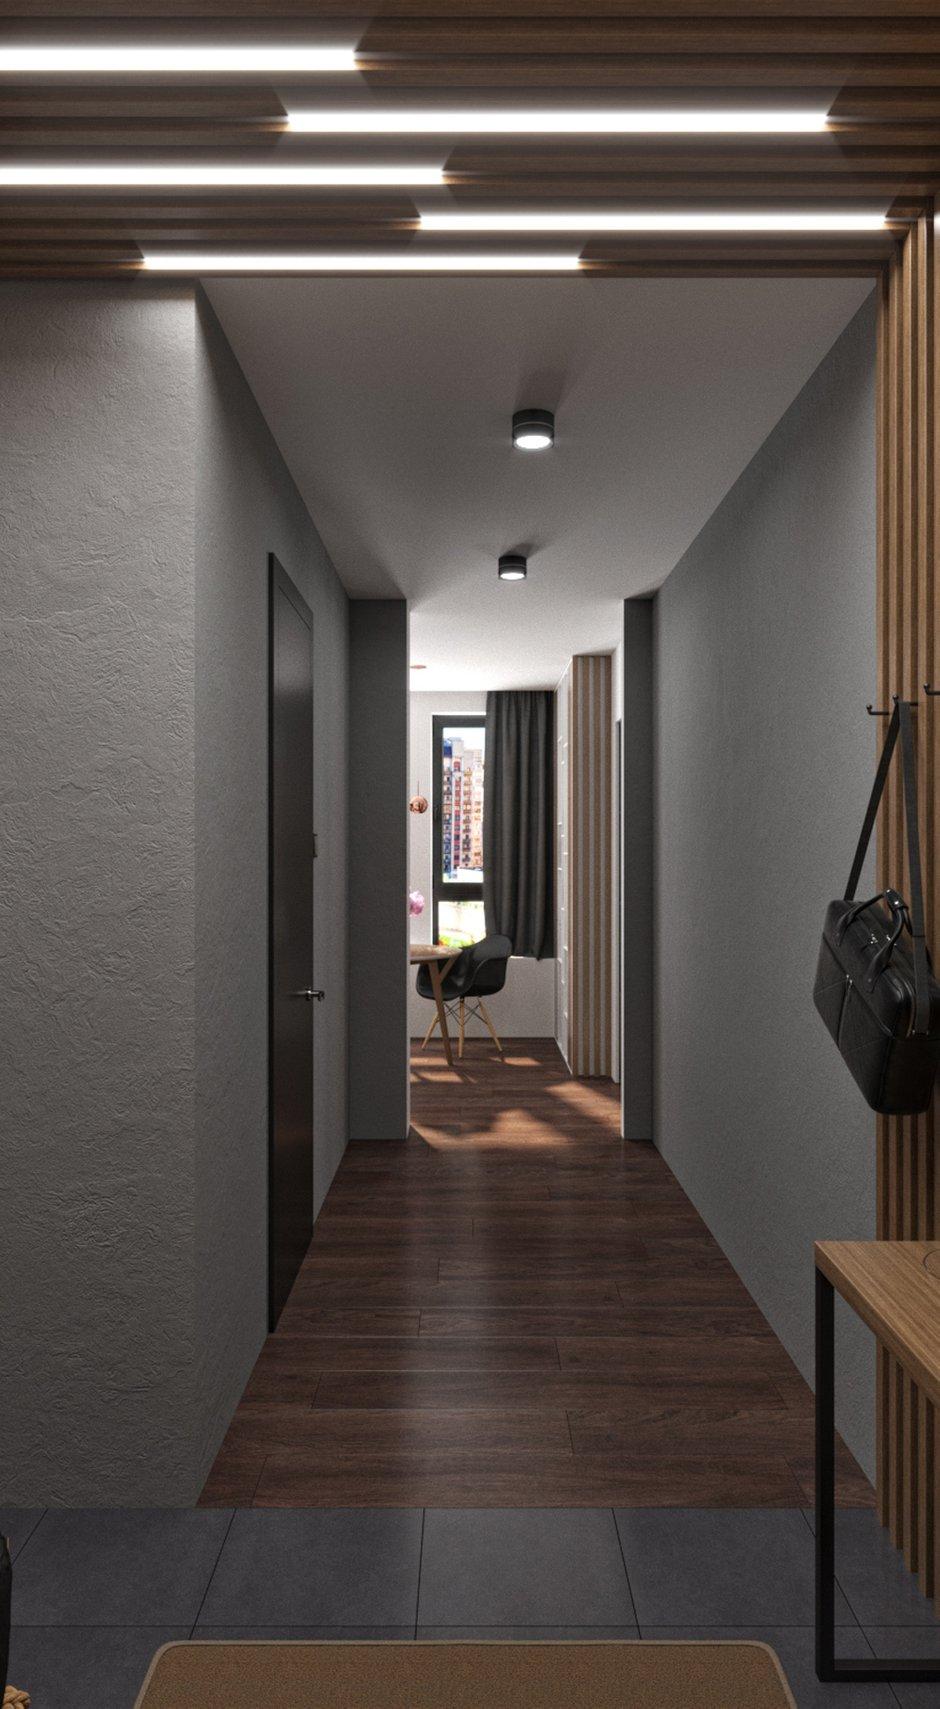 Фотография: Прихожая в стиле Современный, Лофт, Квартира, Проект недели, Химки, Панельный дом, 1 комната, 40-60 метров, Андрей Рыбаков – фото на INMYROOM